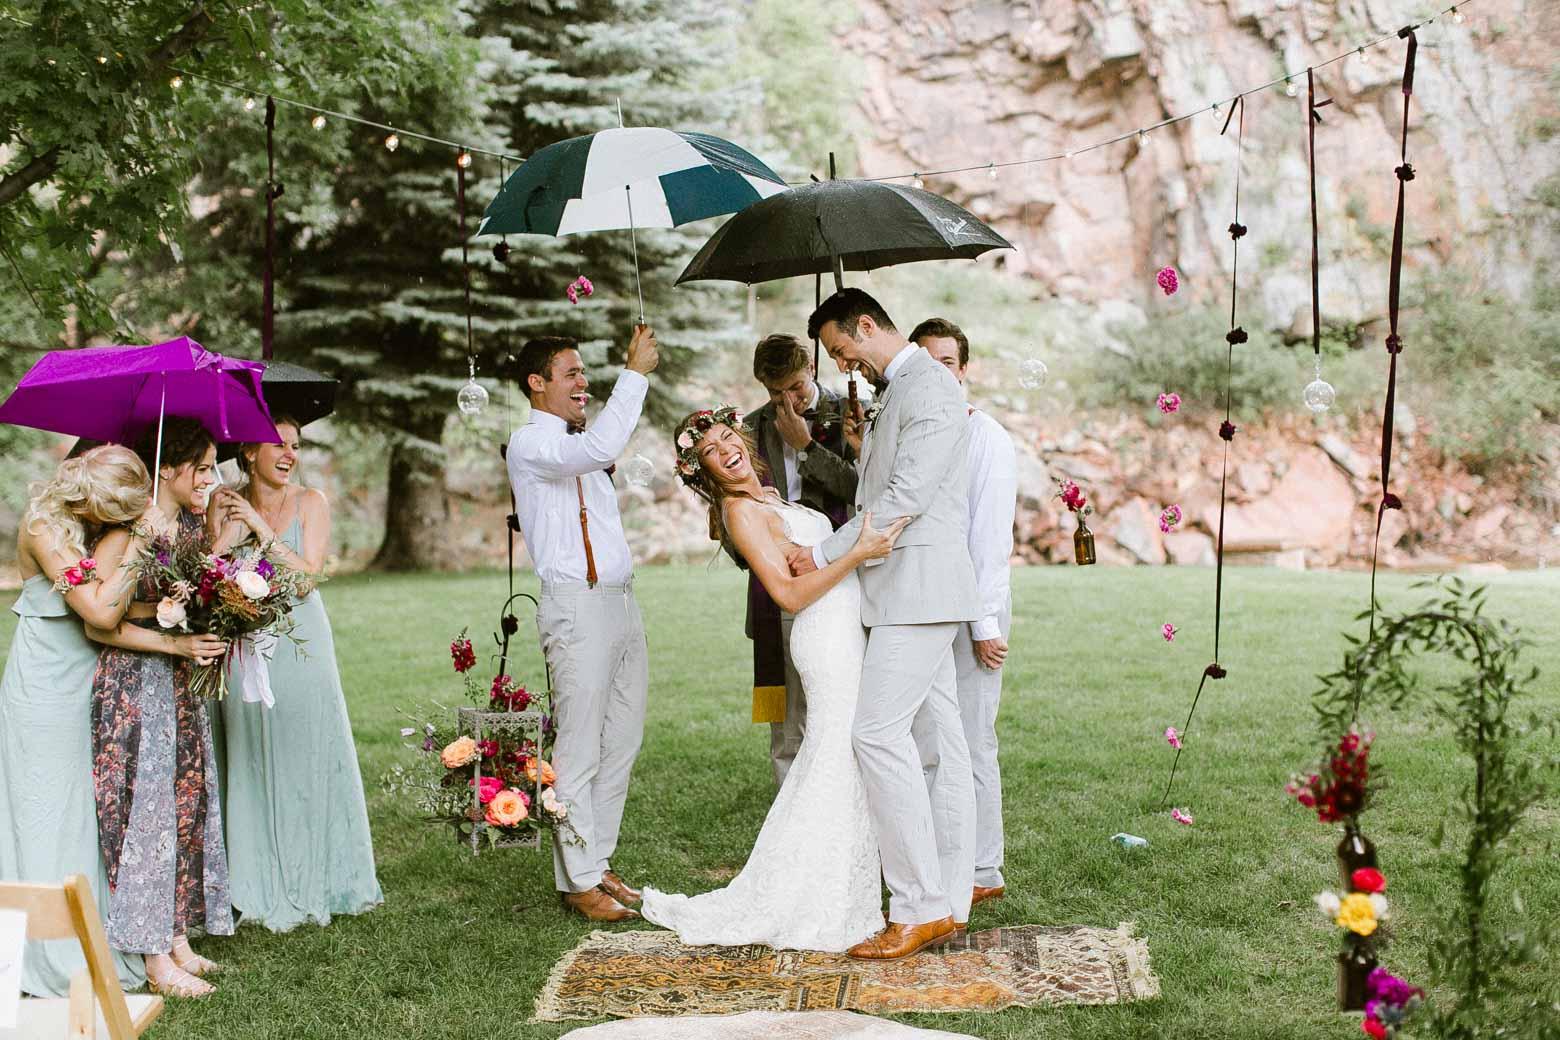 Wesele w plenerze, Ślub w plenerze, wesele w deszczu, Organizacja Ślubu i Wesela, Winsa Wedding Planners, Blog Ślubny, Inspiracje ślubne i weselne, Plan dnia ślubu i wesela,